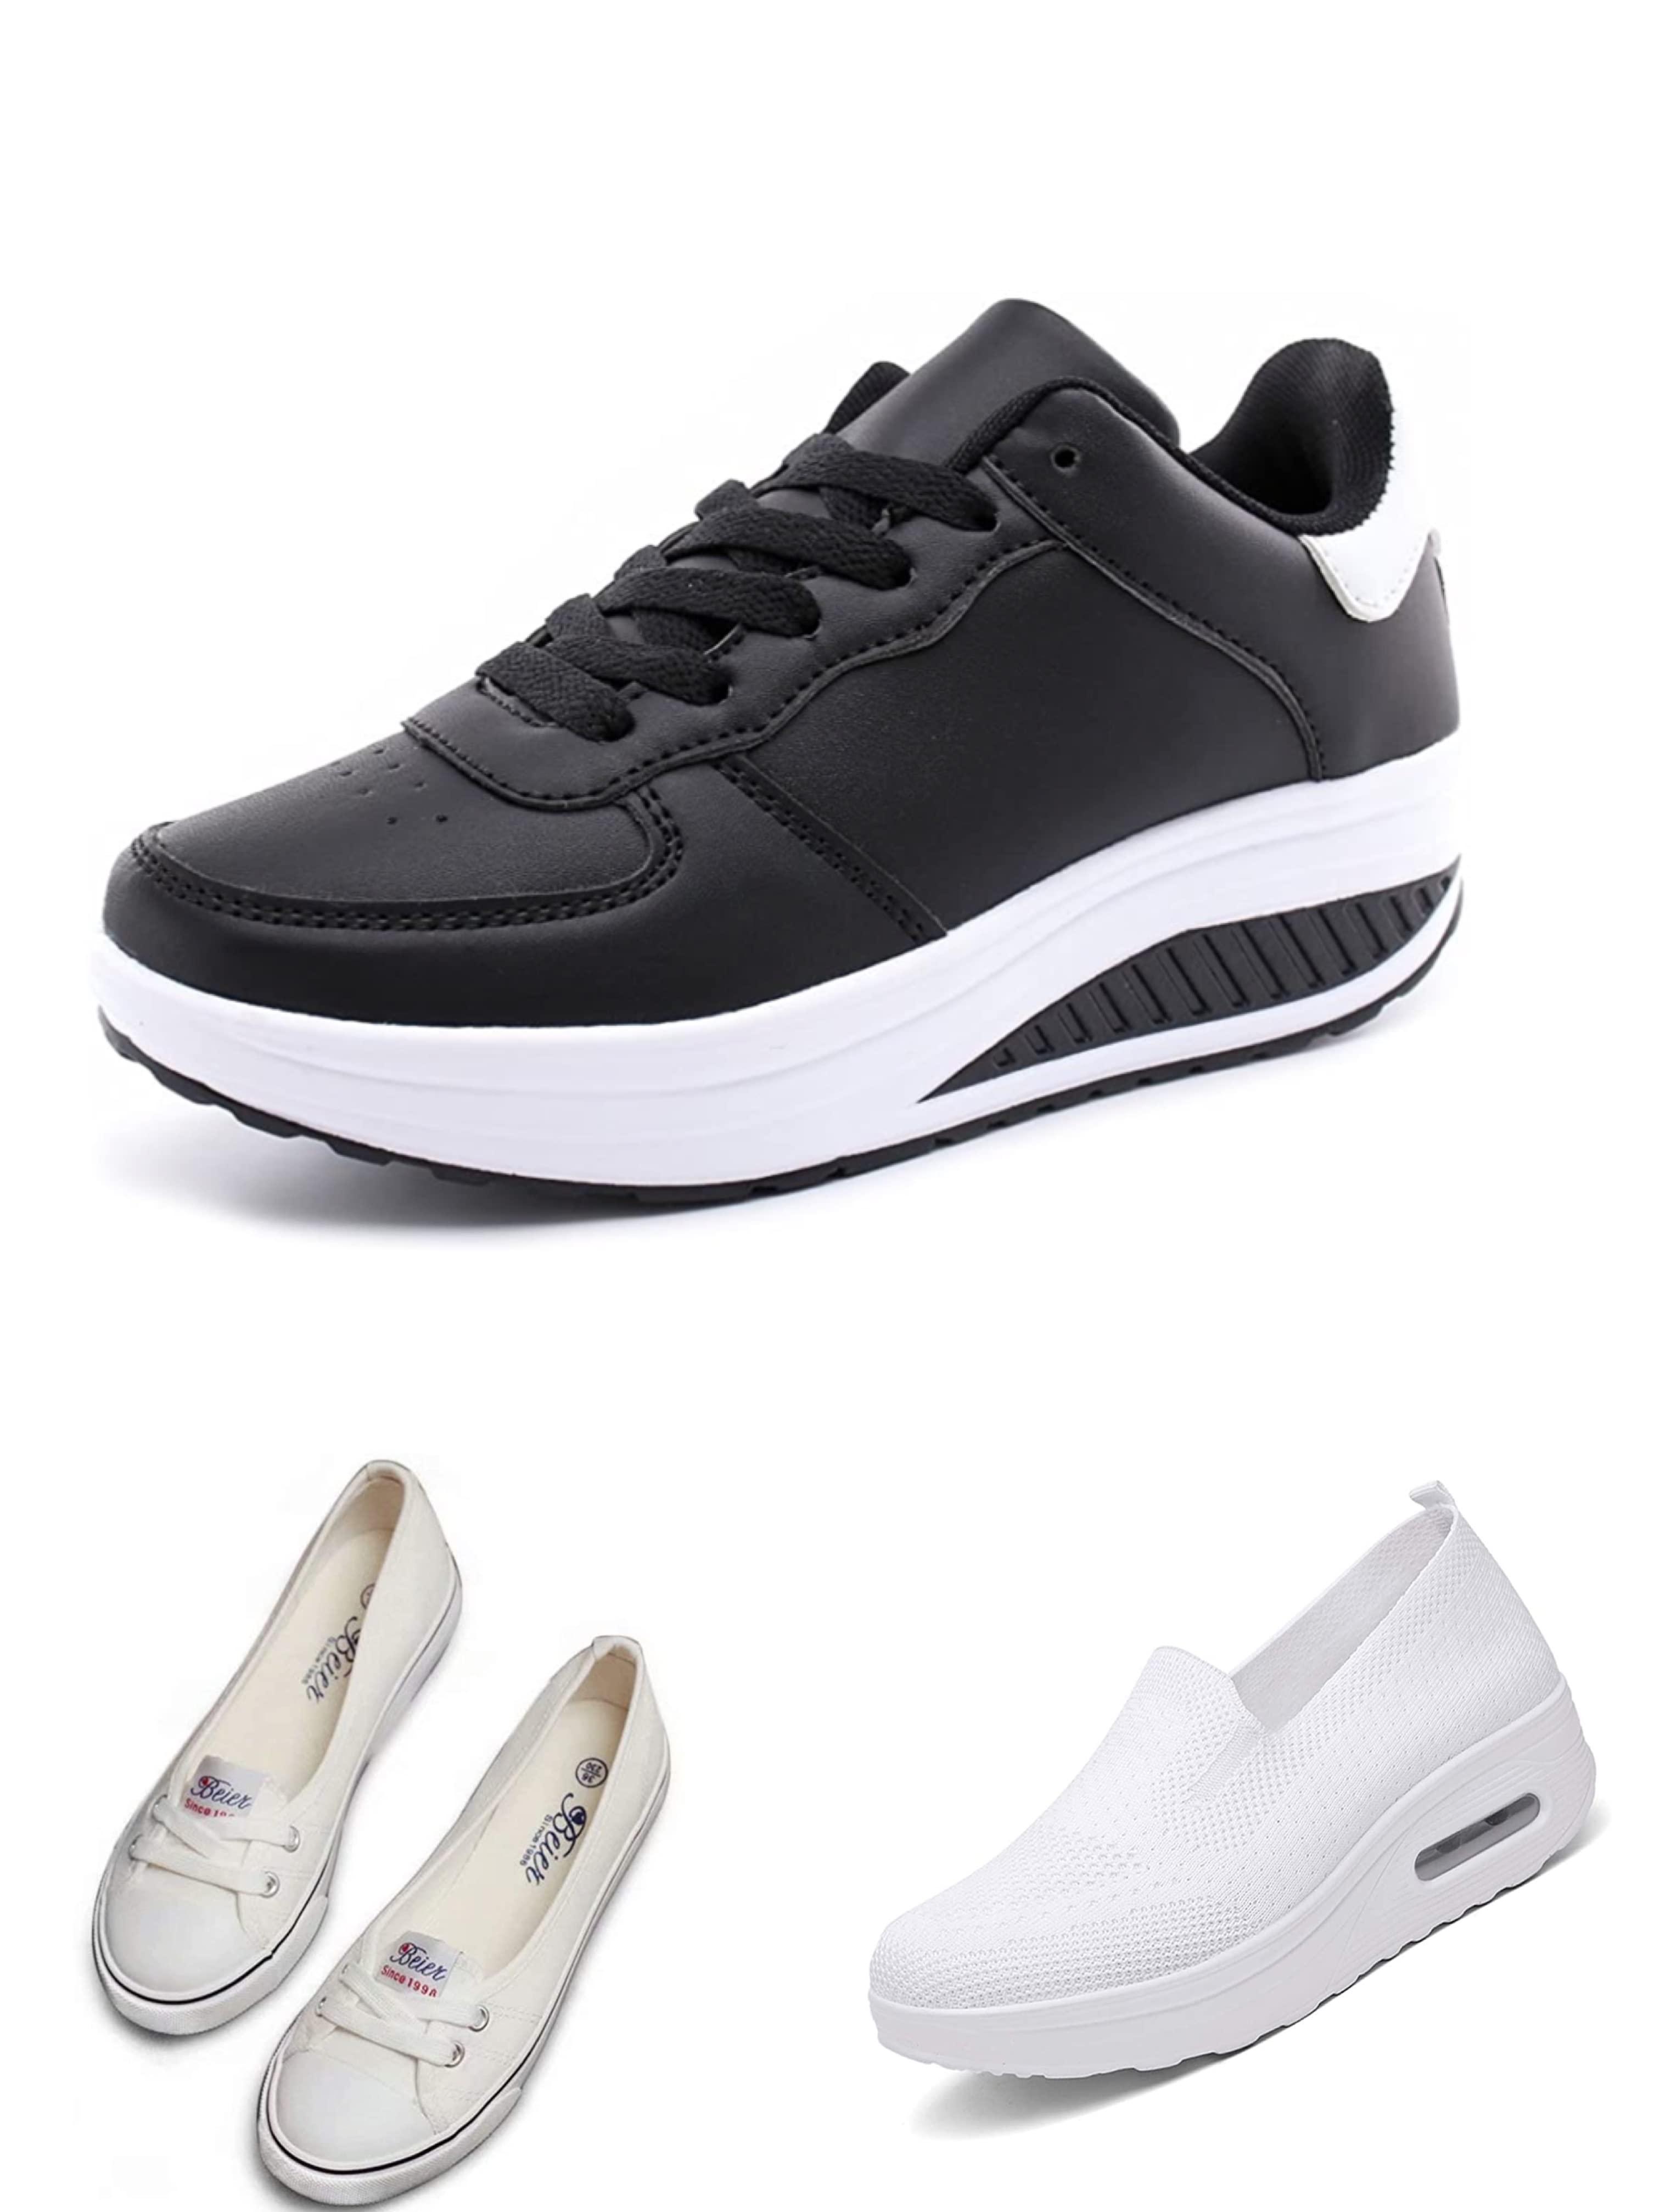 秋冬レディース 靴・ブーツがお買い得; セール価格: ¥1,984